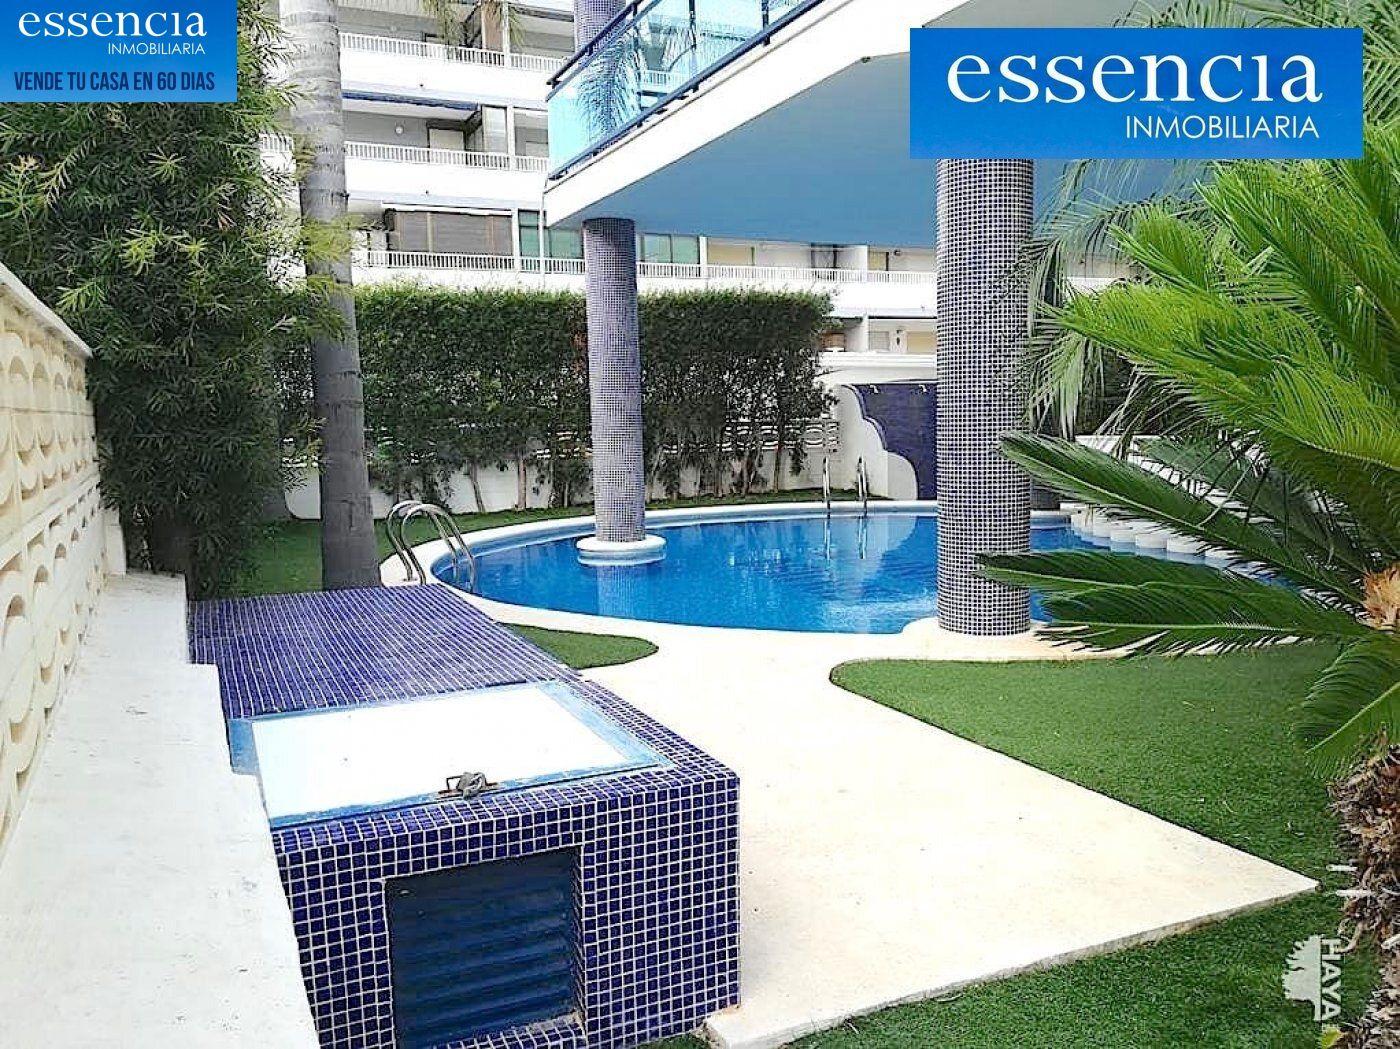 Apartamento de 2 dormitorios y 2 baños con salón con balcón. - imagenInmueble25